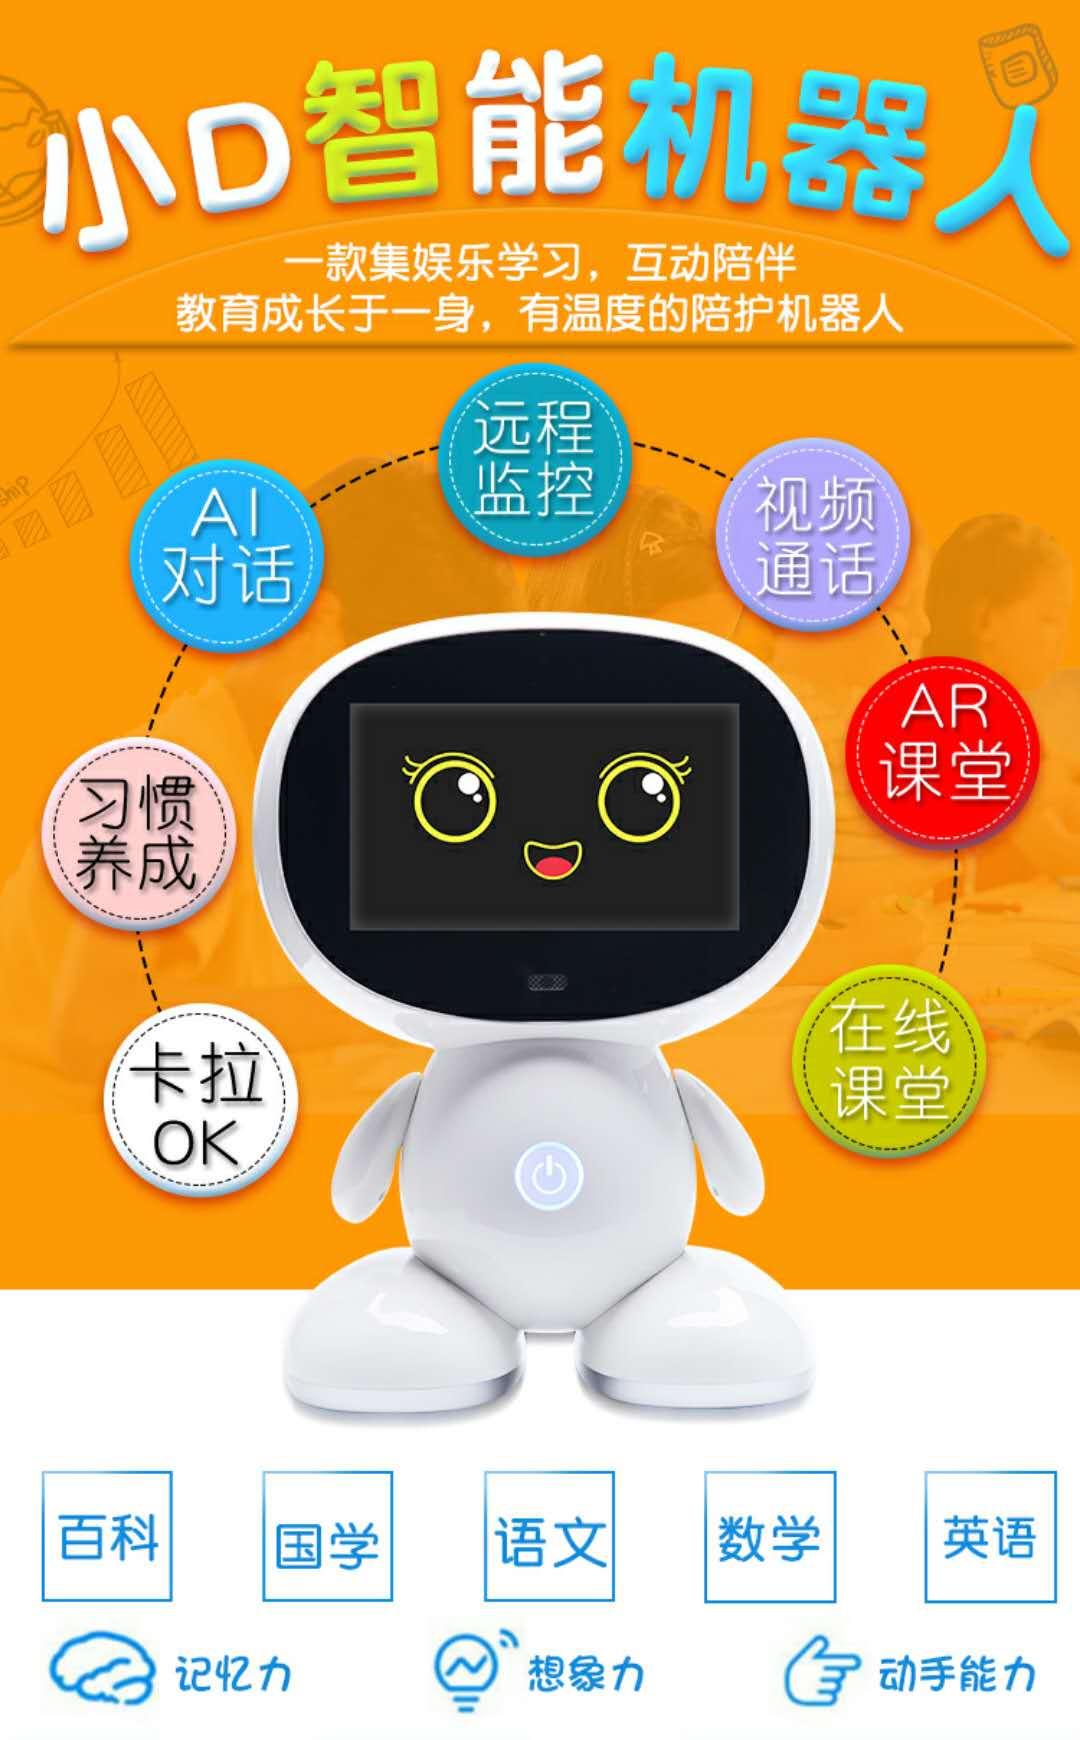 AR早教機器人學習機小D招代理